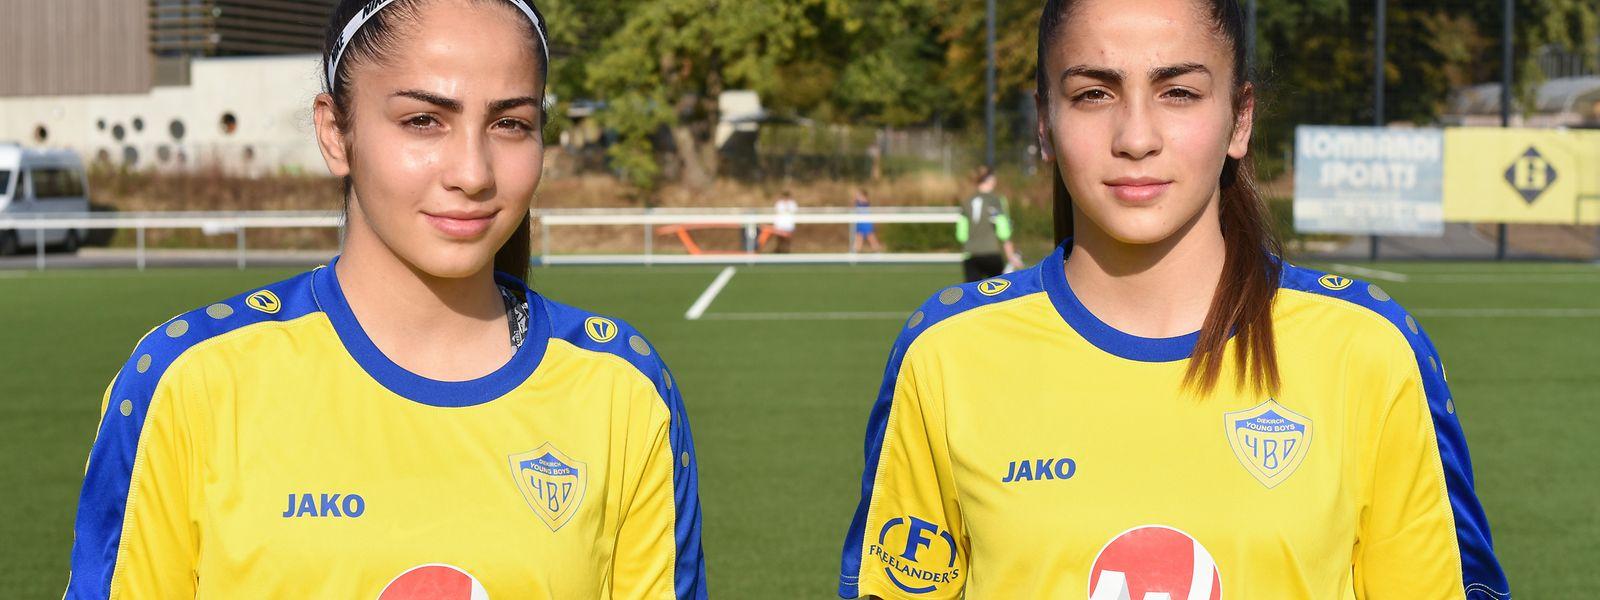 Mariana und Joana (r.) Lourenco spielen gemeinsam in Diekirch.